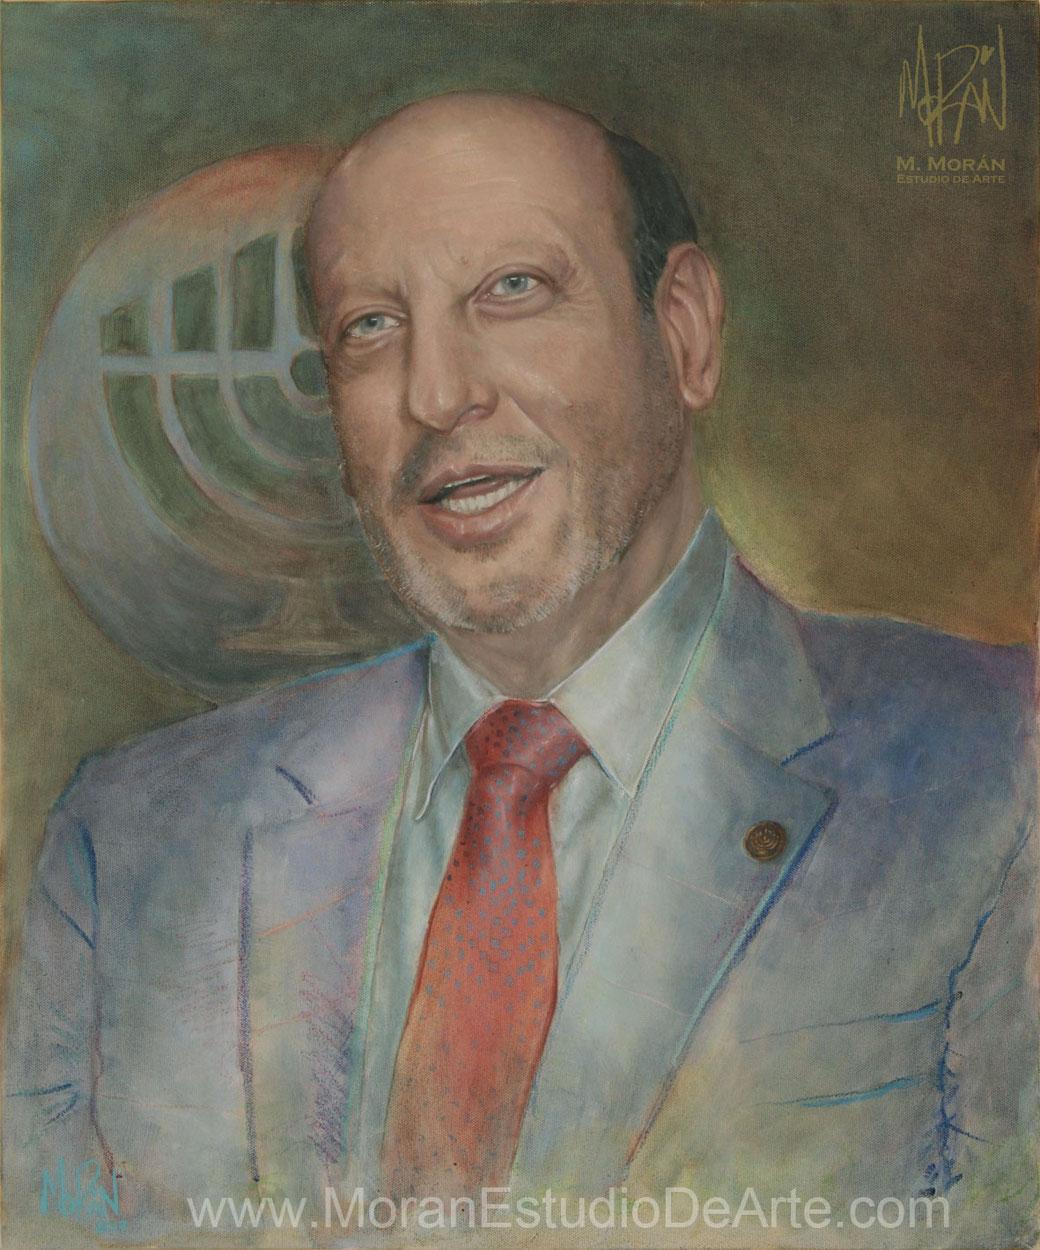 Retrato Director Empresa